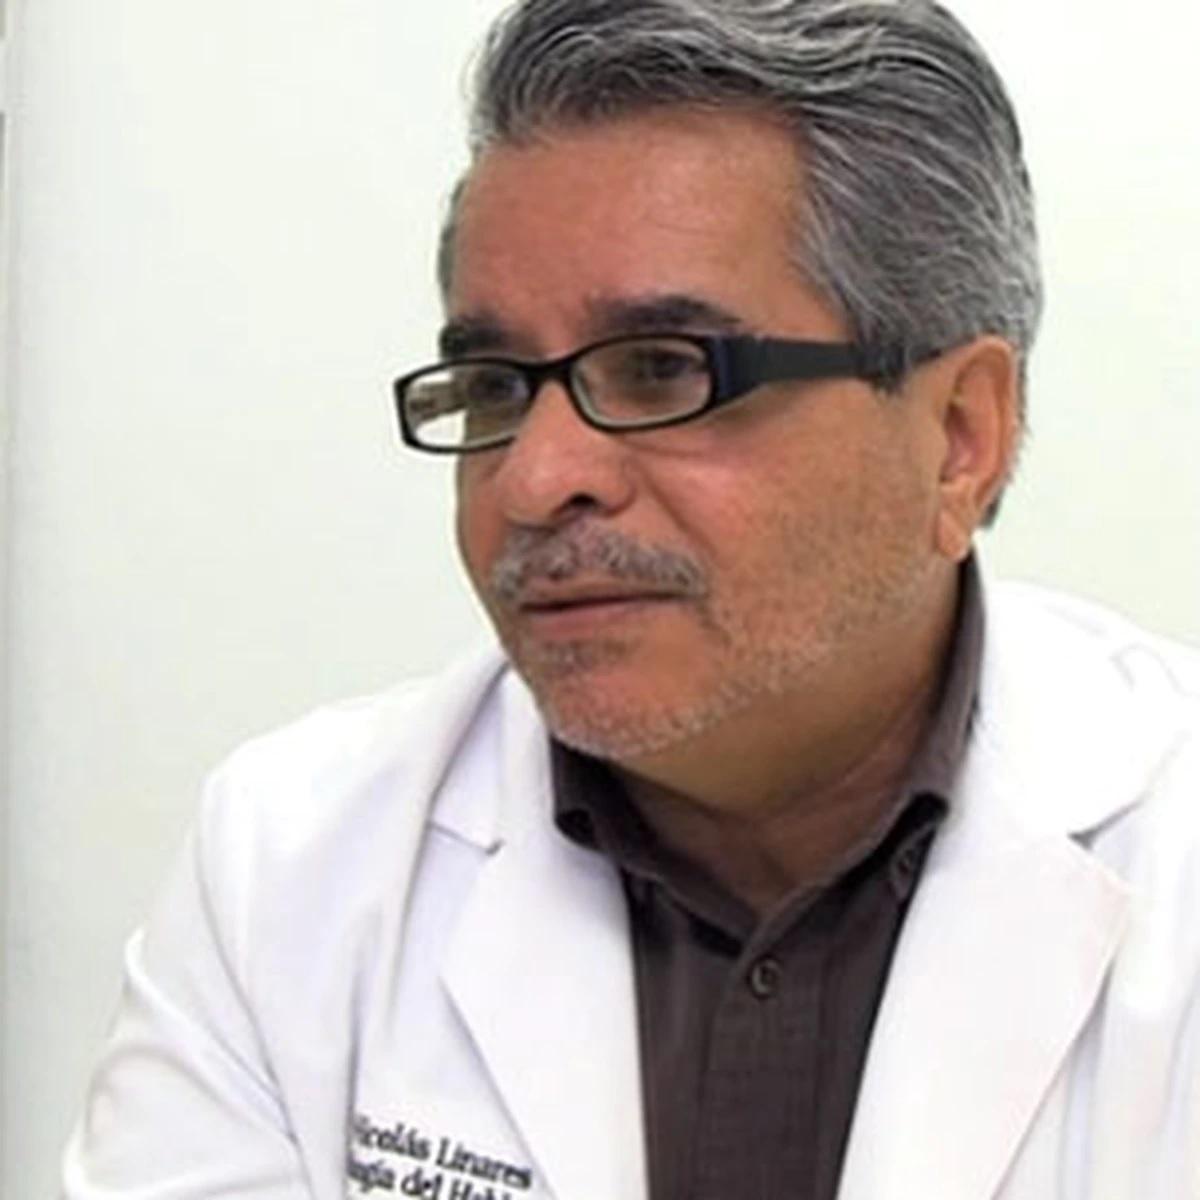 Nicolás Linares-Orama